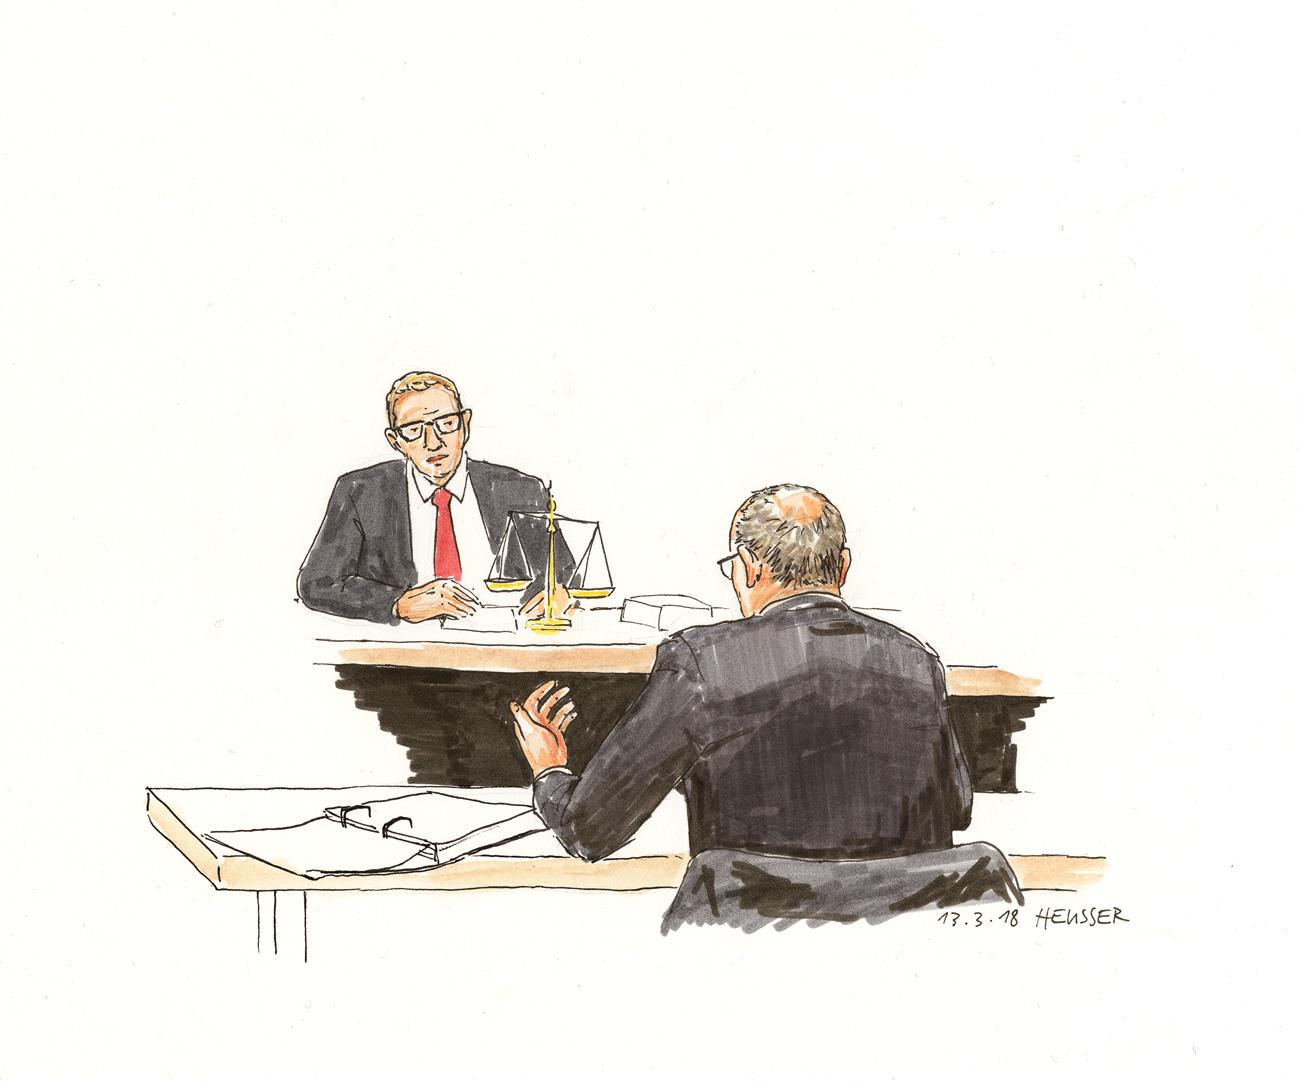 Der Gerichtspräsident und einer der Gutachter.